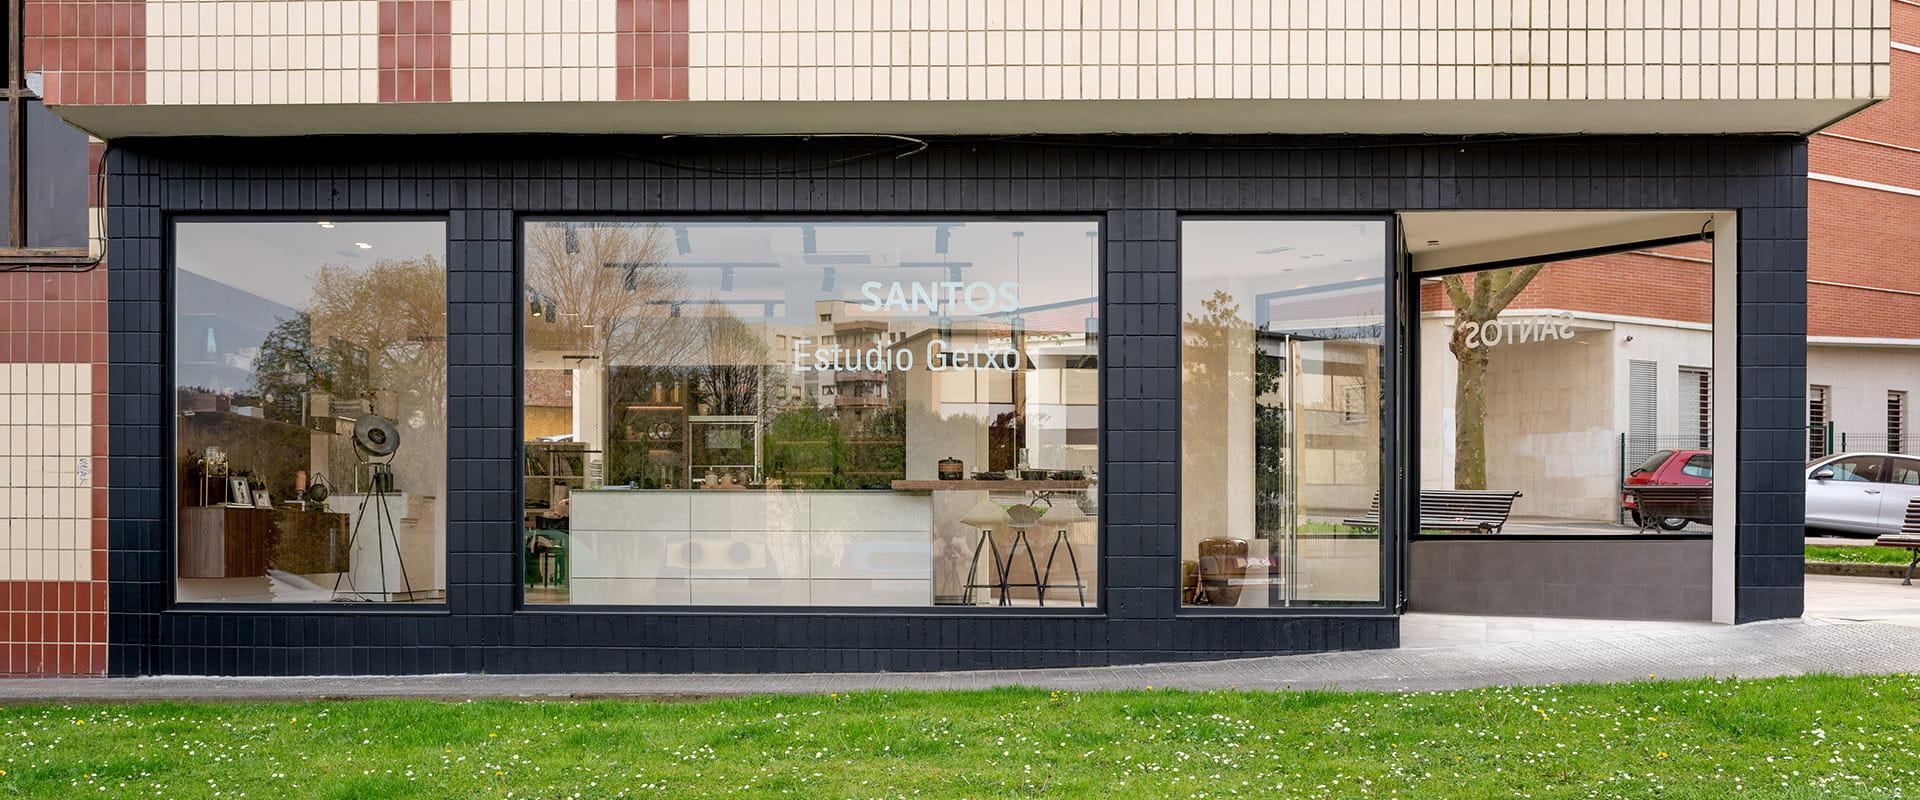 Loja de cozinhas Santos Estudio Getxo em Vizcaya